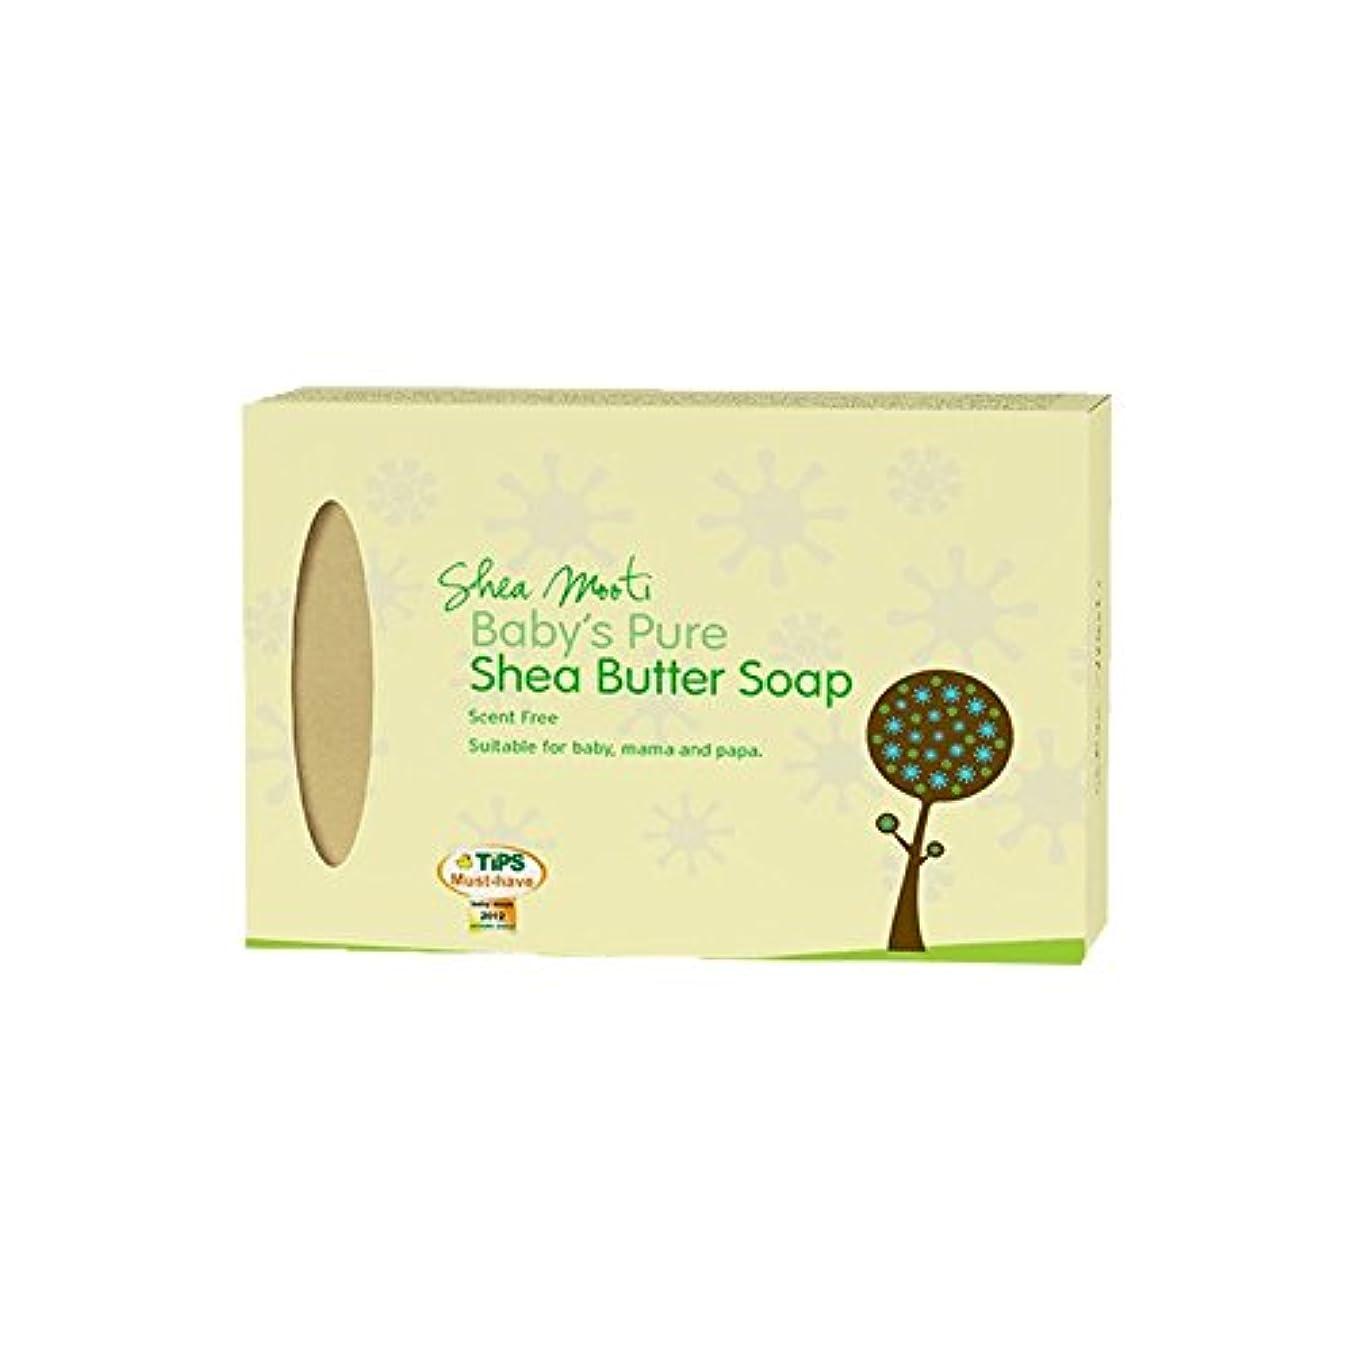 圧倒する練習転倒Shea Mooti Baby's Pure Shea Butter Soap Unscented 250ml (Pack of 6) - シアバターMooti赤ちゃんの純粋なシアバターソープ無香250ミリリットル (x6...